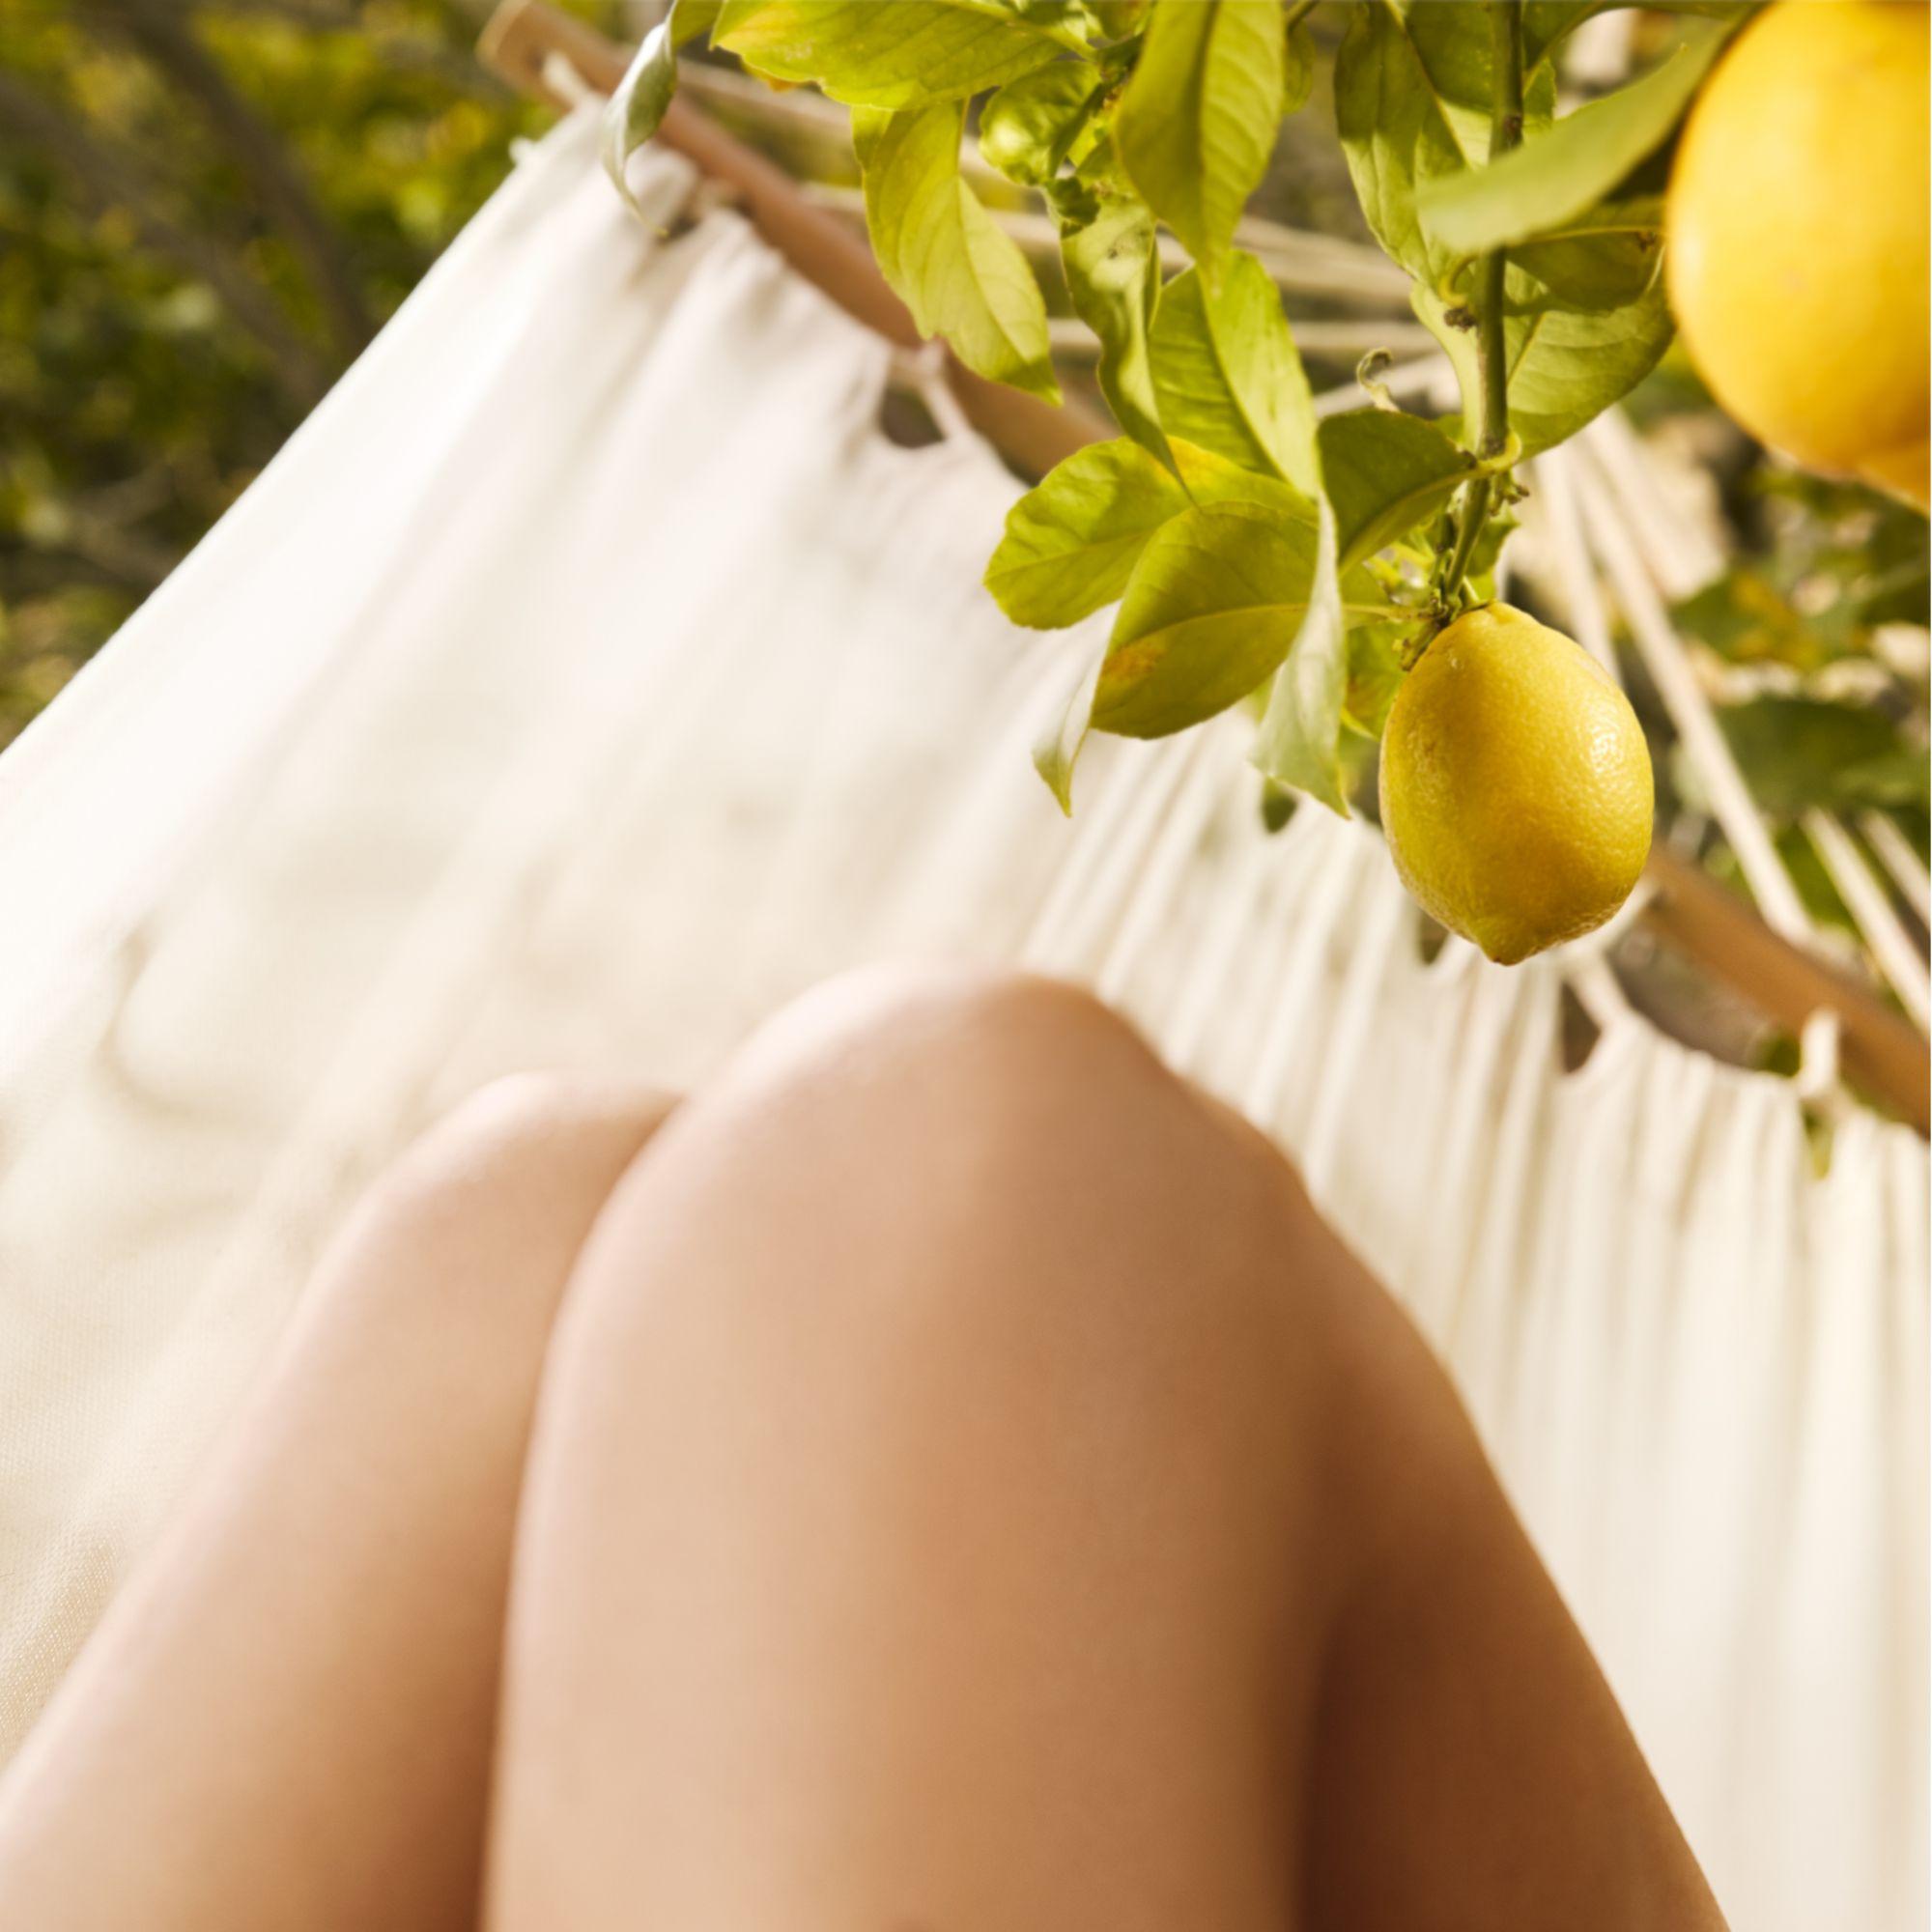 Maison Margiela Replica Under Lemon Trees EDT, 100 ml